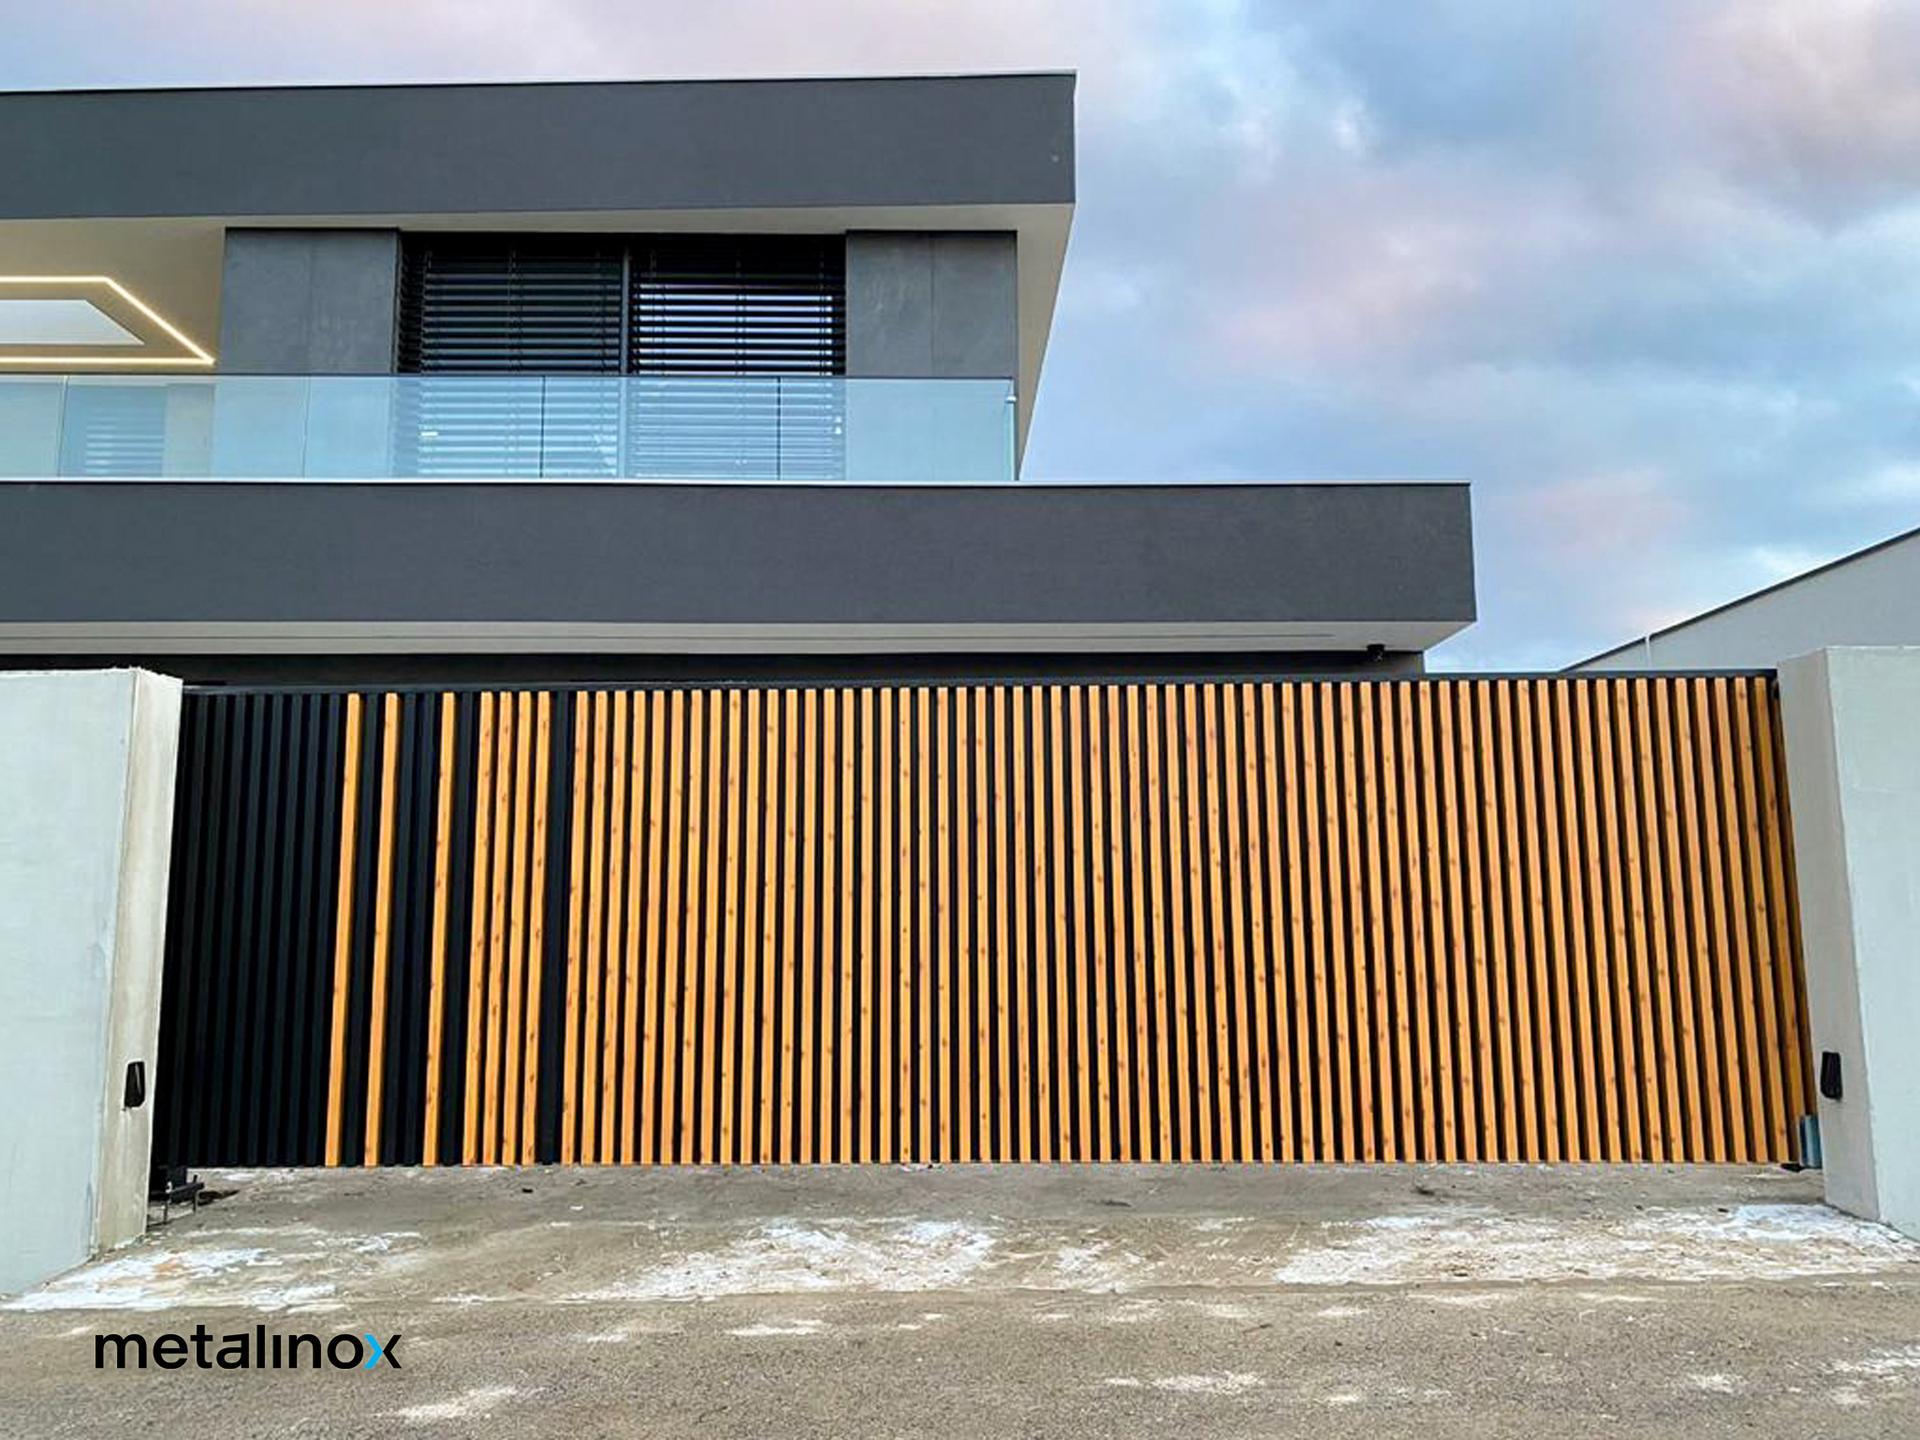 Hliníkové oplotenie LINA je jeden z našich najnovších produktov, ale jeden z mnohých, ktoré vyrábame na Slovensku. Súčasťou tejto realizácie bola rovnako montáž preskleného zábradlia. Páči sa vám? :) - Obrázok č. 2